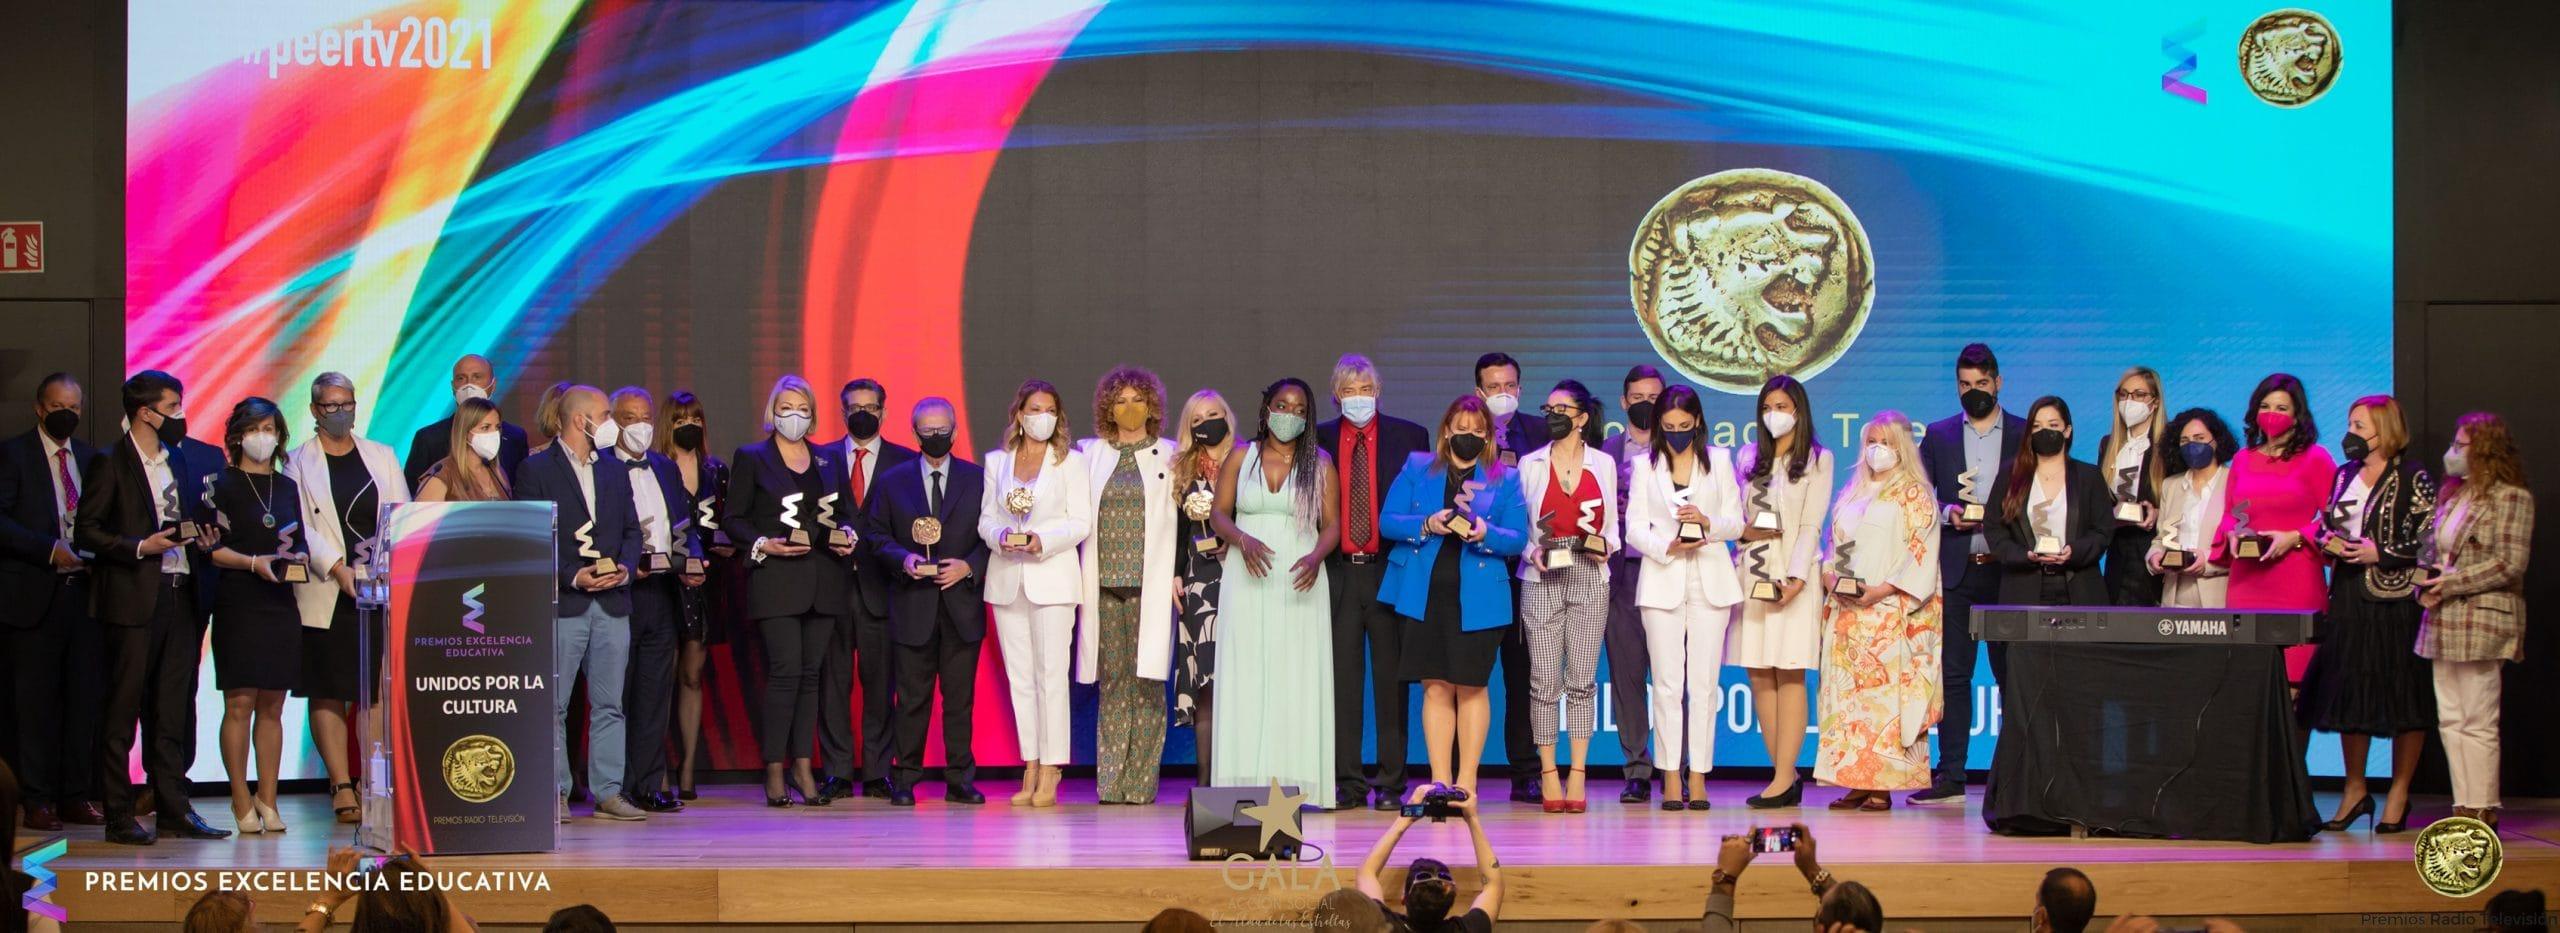 Los Premios Excelencia Educativa 2021 reconocen a 35mm como el Mejor Centro de Formación Audiovisual